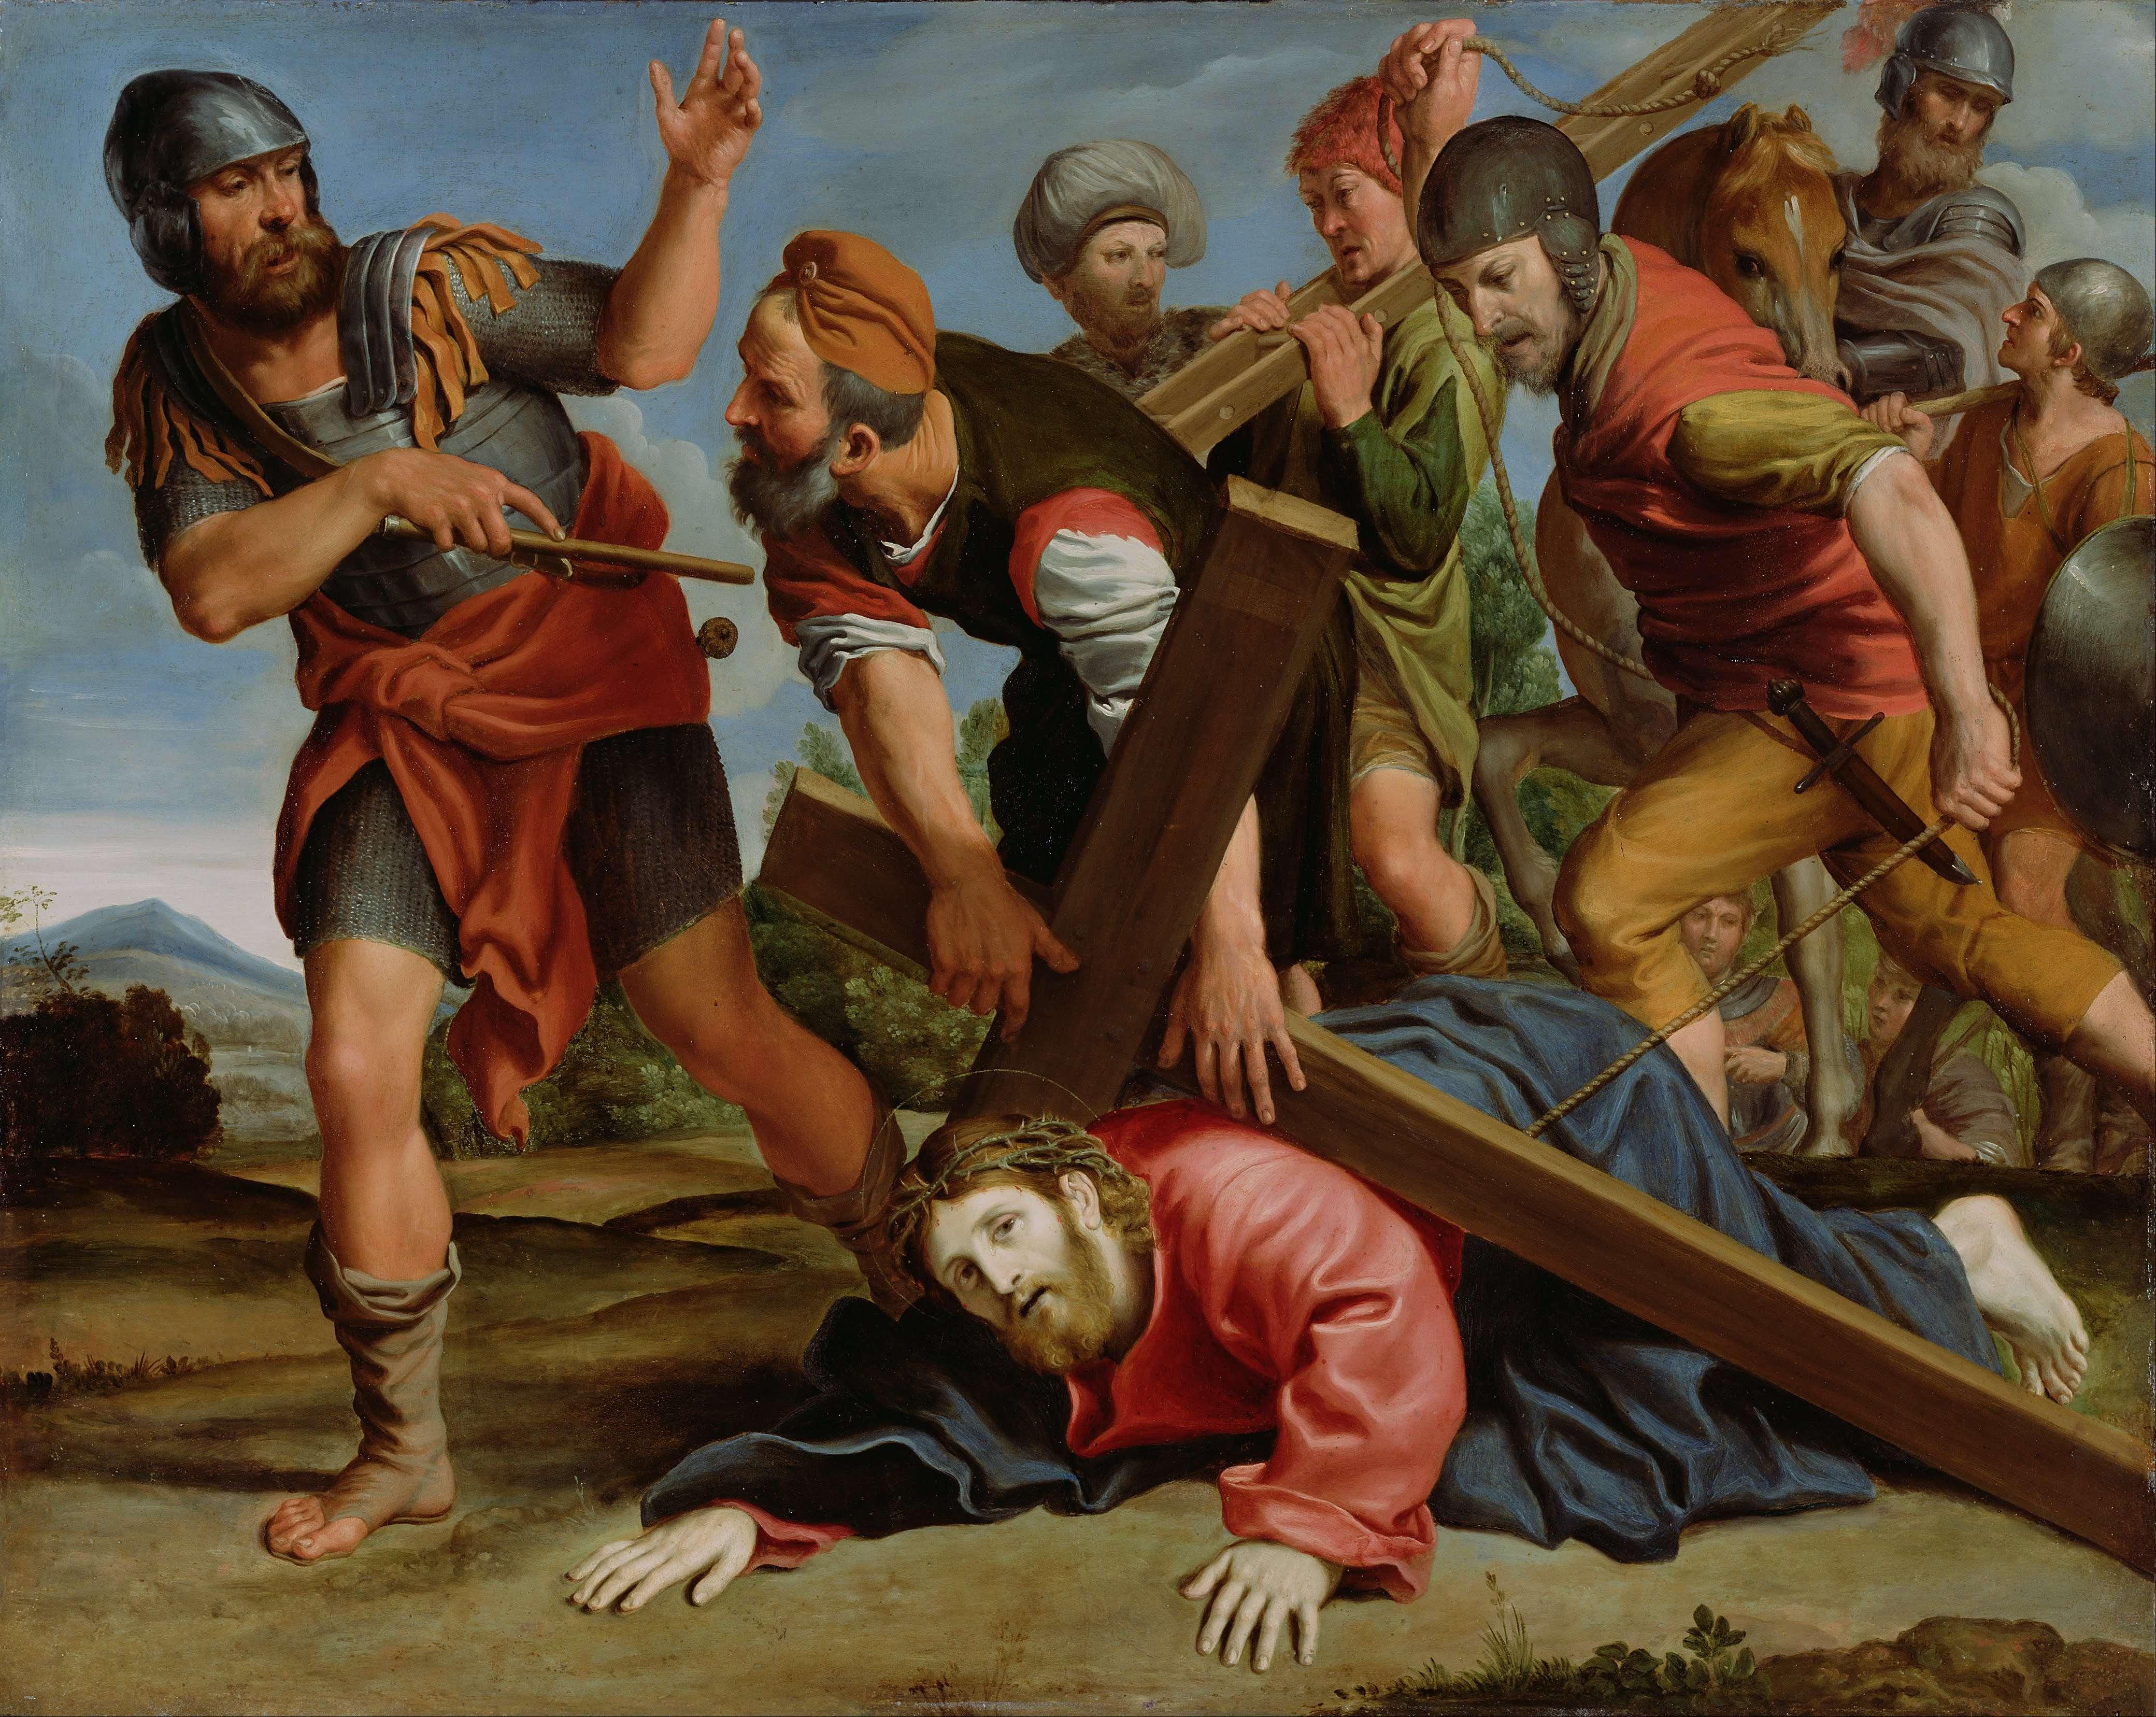 πίνακς του Domenichino. Ο δρόμος προς τον Γολγοθά, λάδι σε χαλκό, Μουσείο Γκεττύ